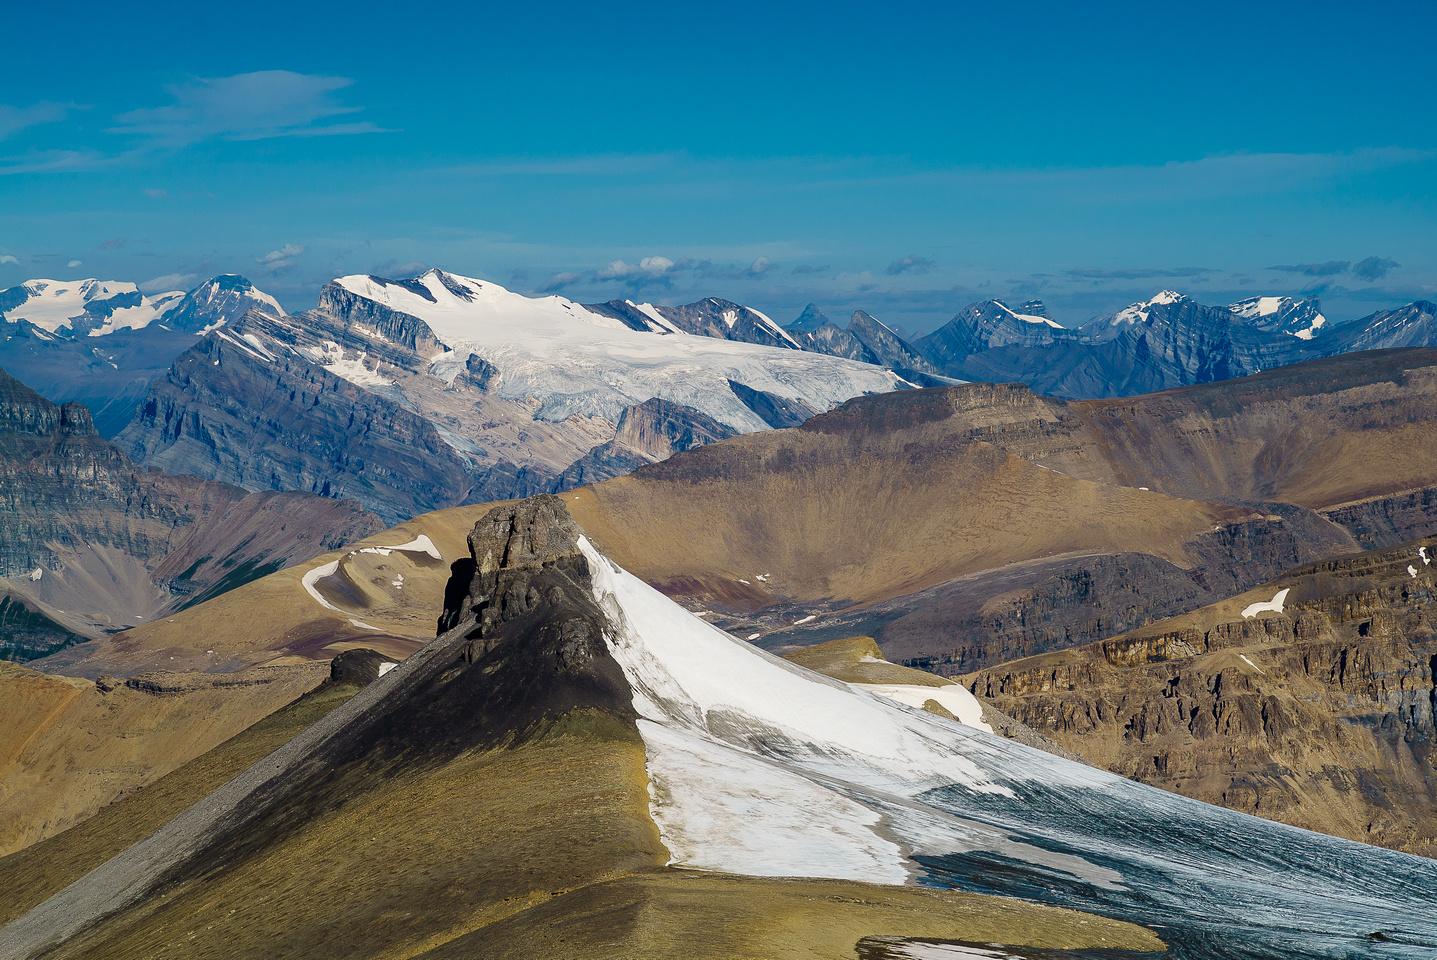 Mount Wilson is another big peak in the area.